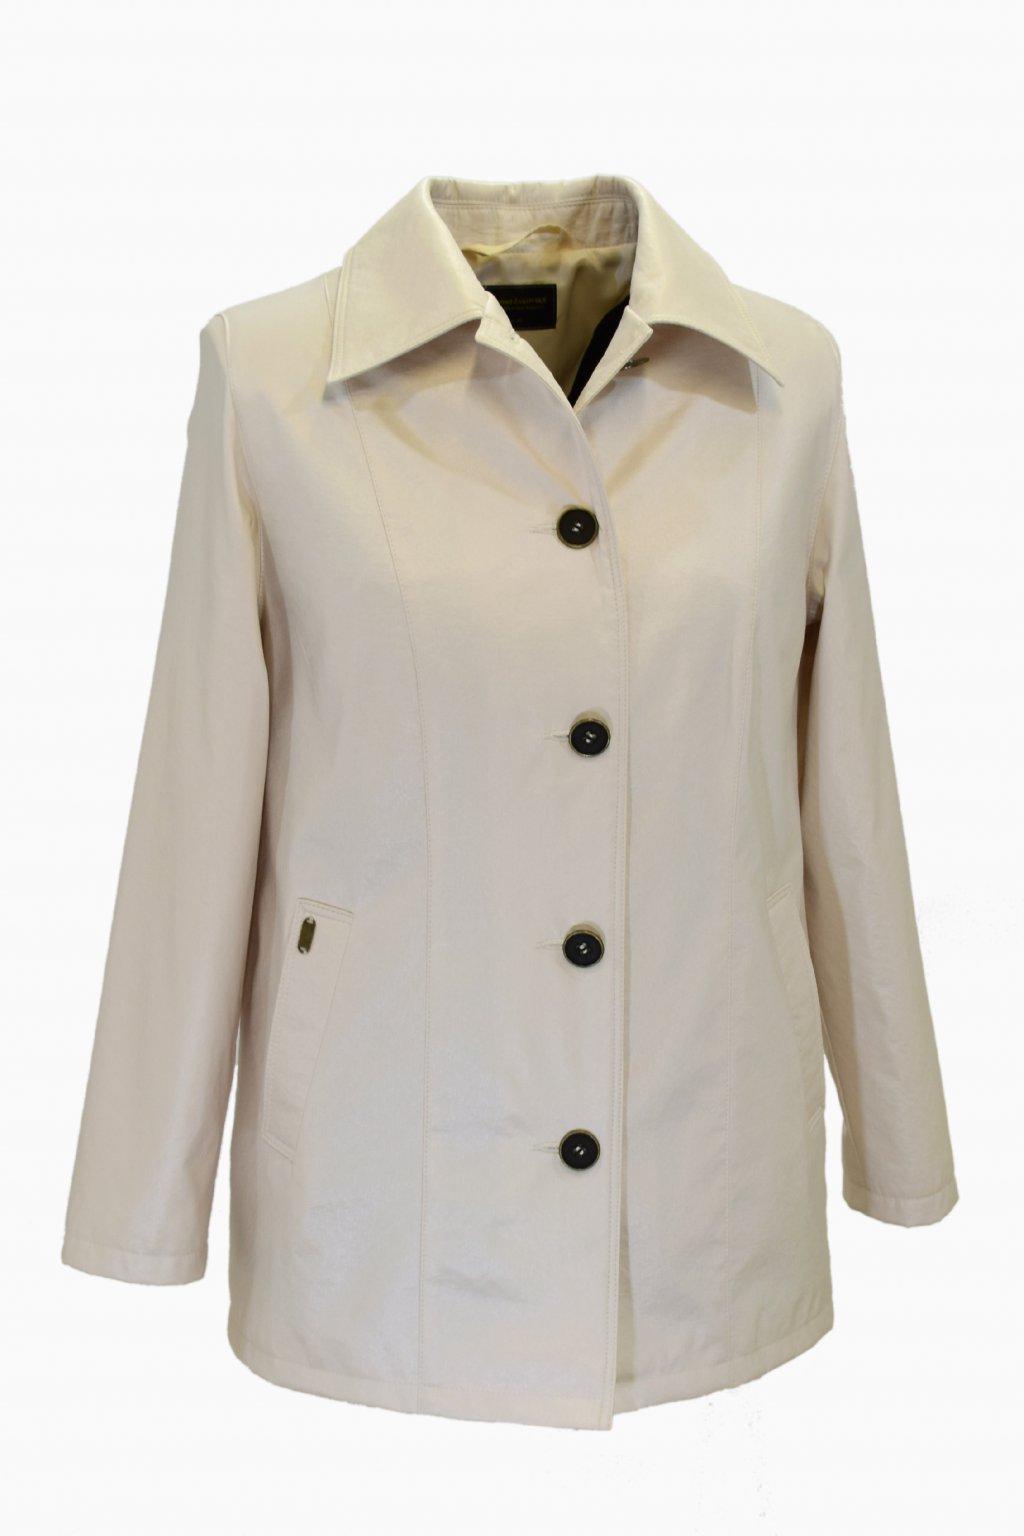 Dámský jarní smetanový kabátek Květa nadměrné velikosti.